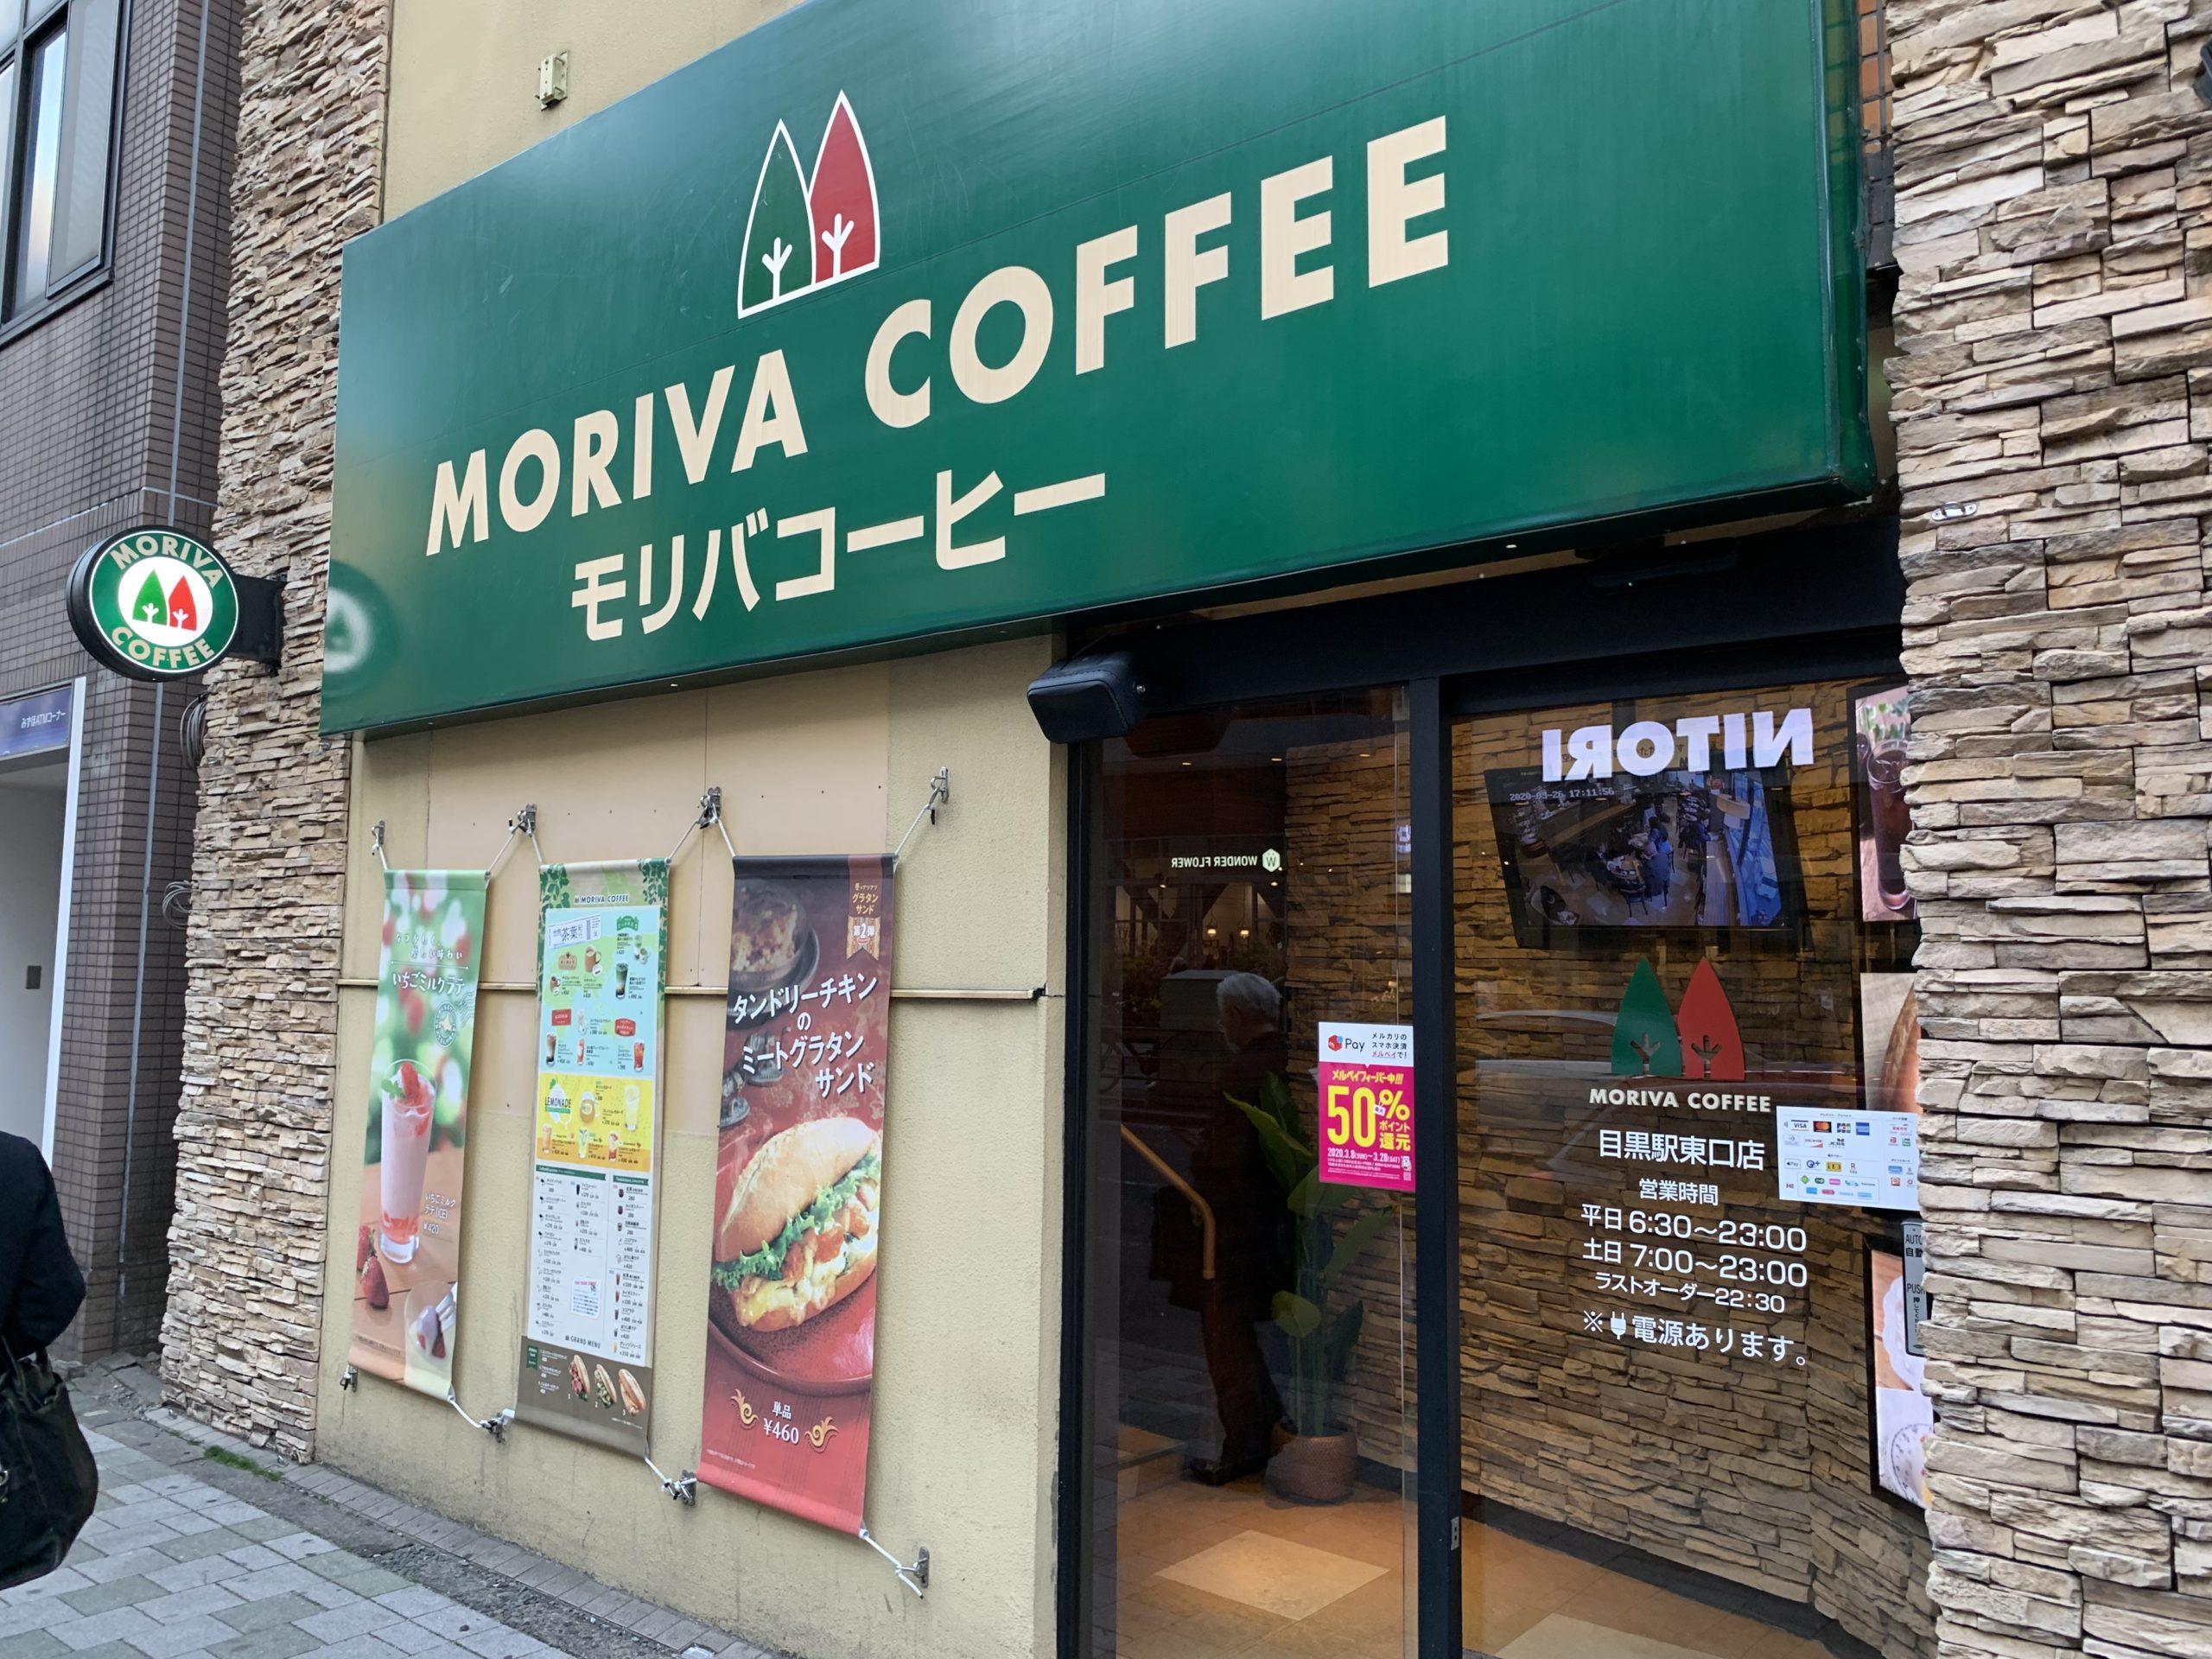 目黒駅東口 電源カフェ モリバコーヒー 目黒駅東口店